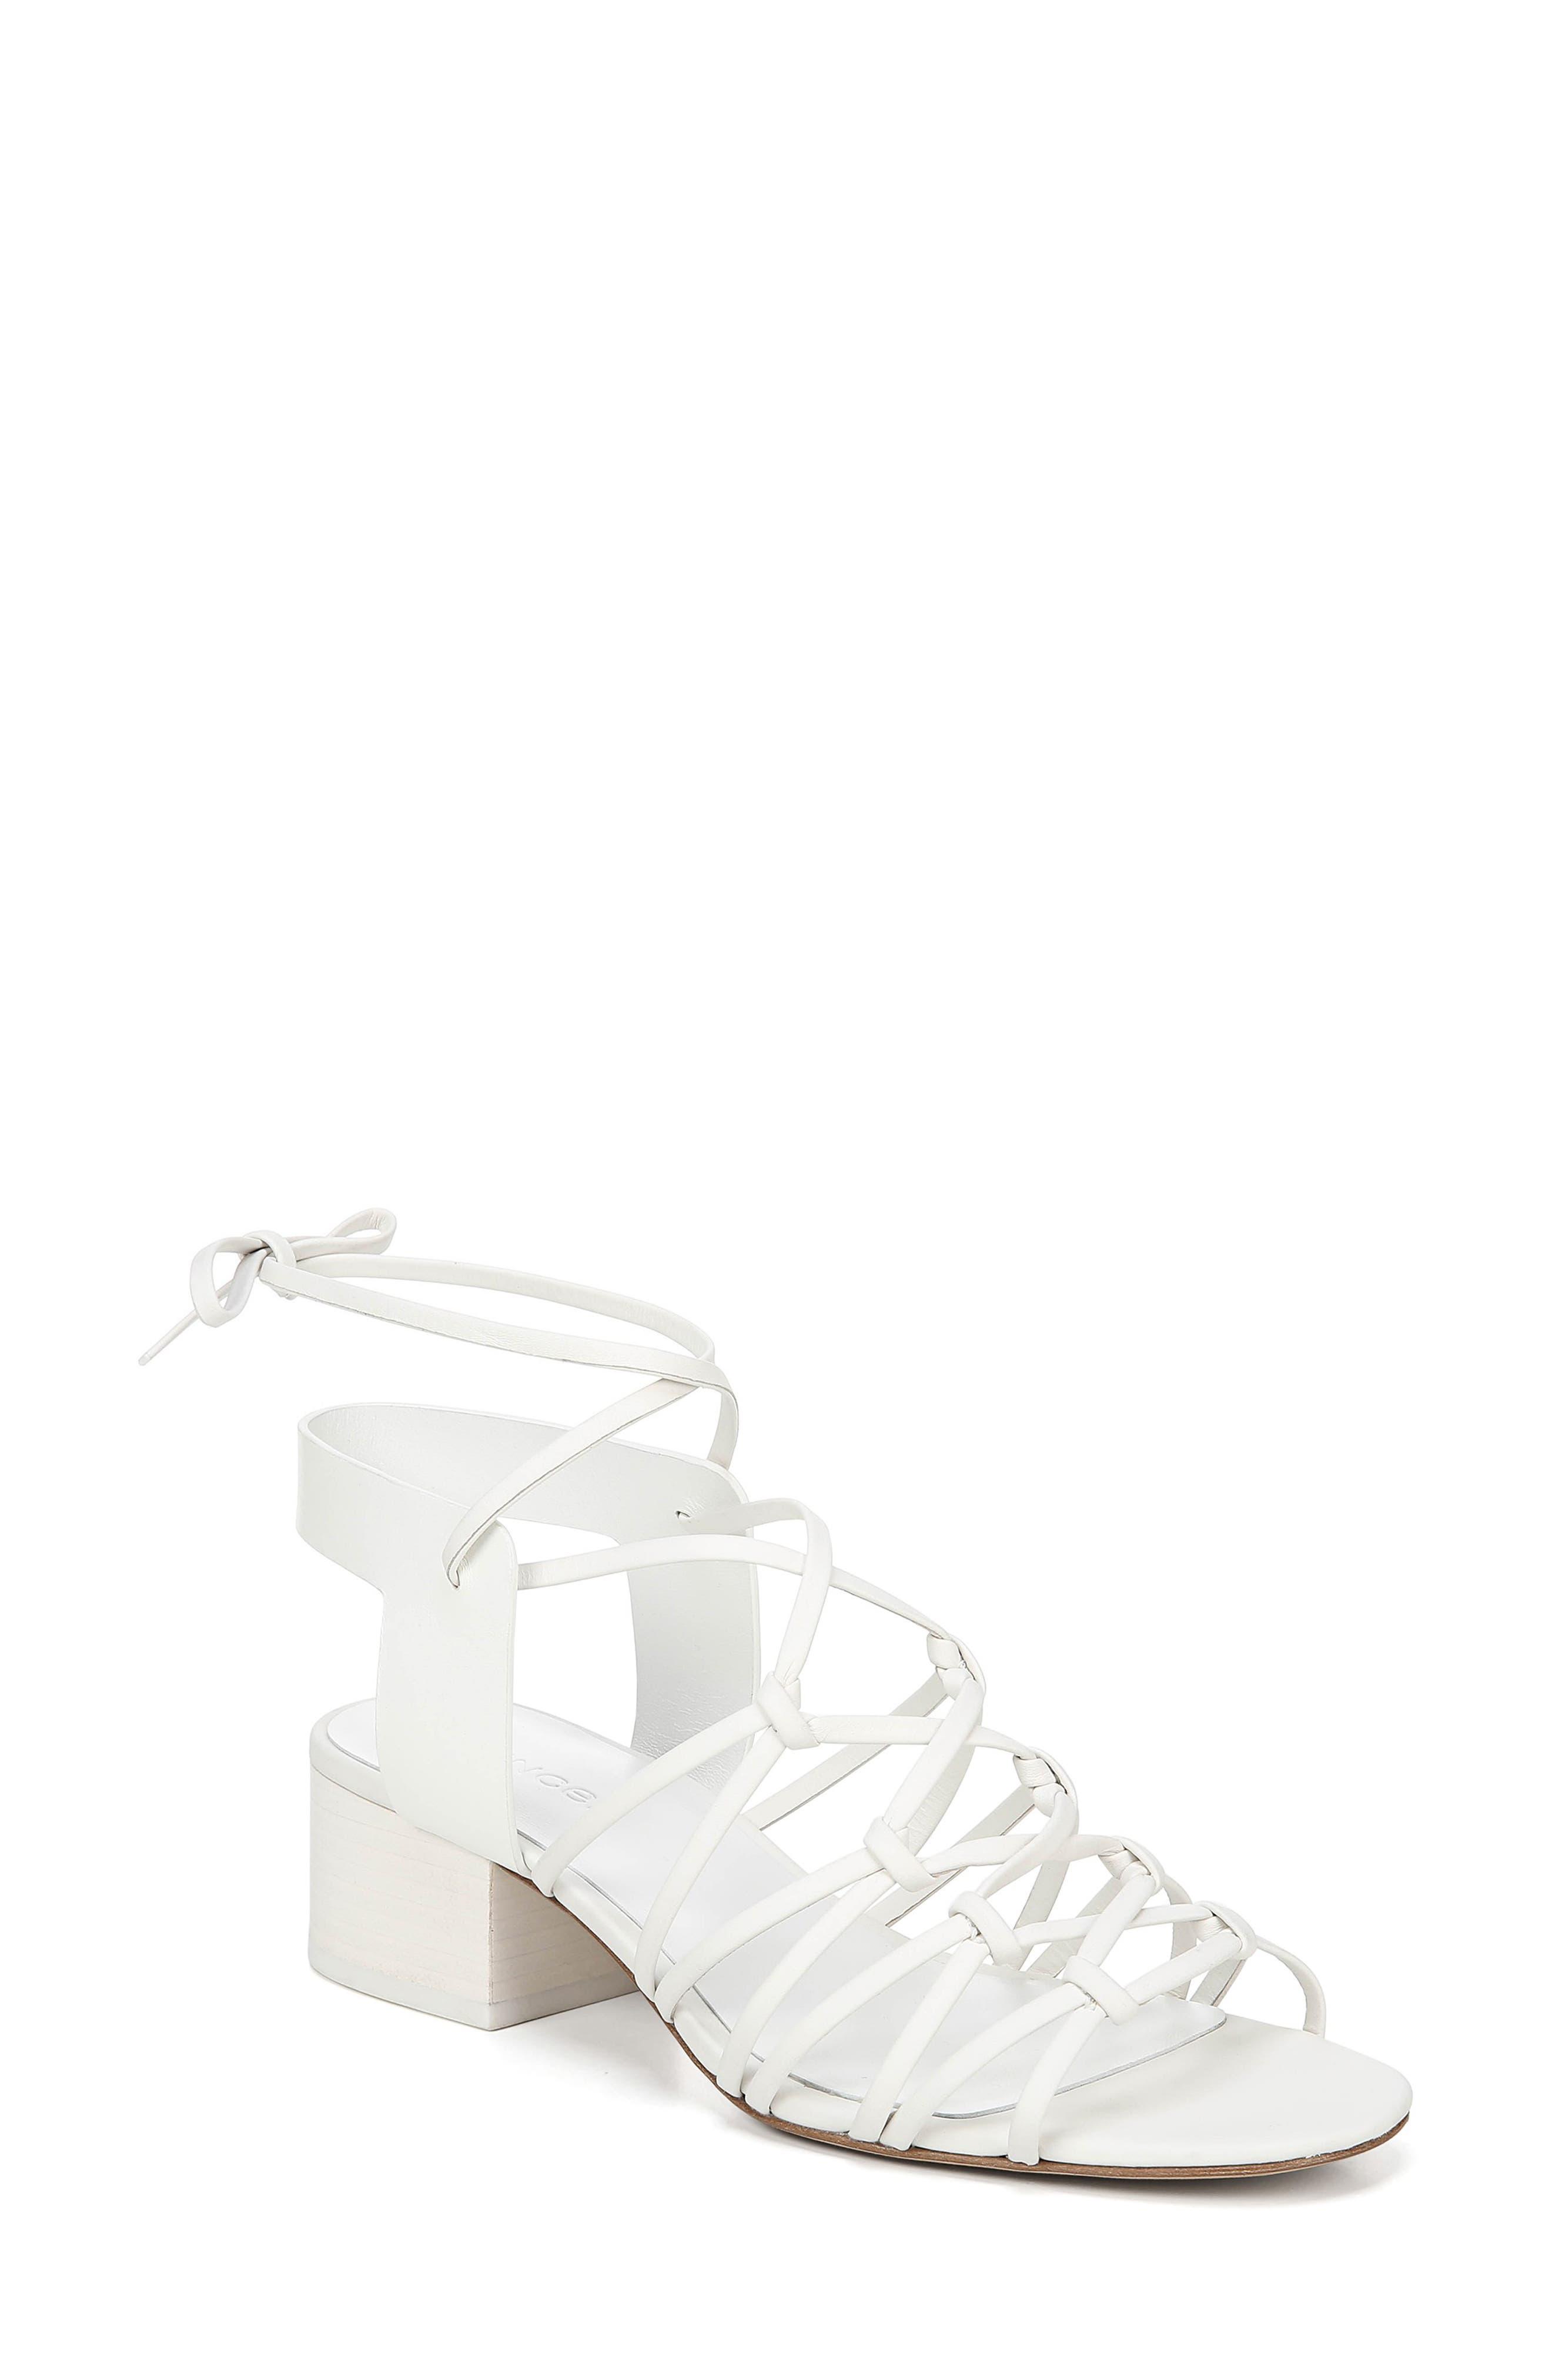 Vince Beautmont Lace-Up Sandal- White